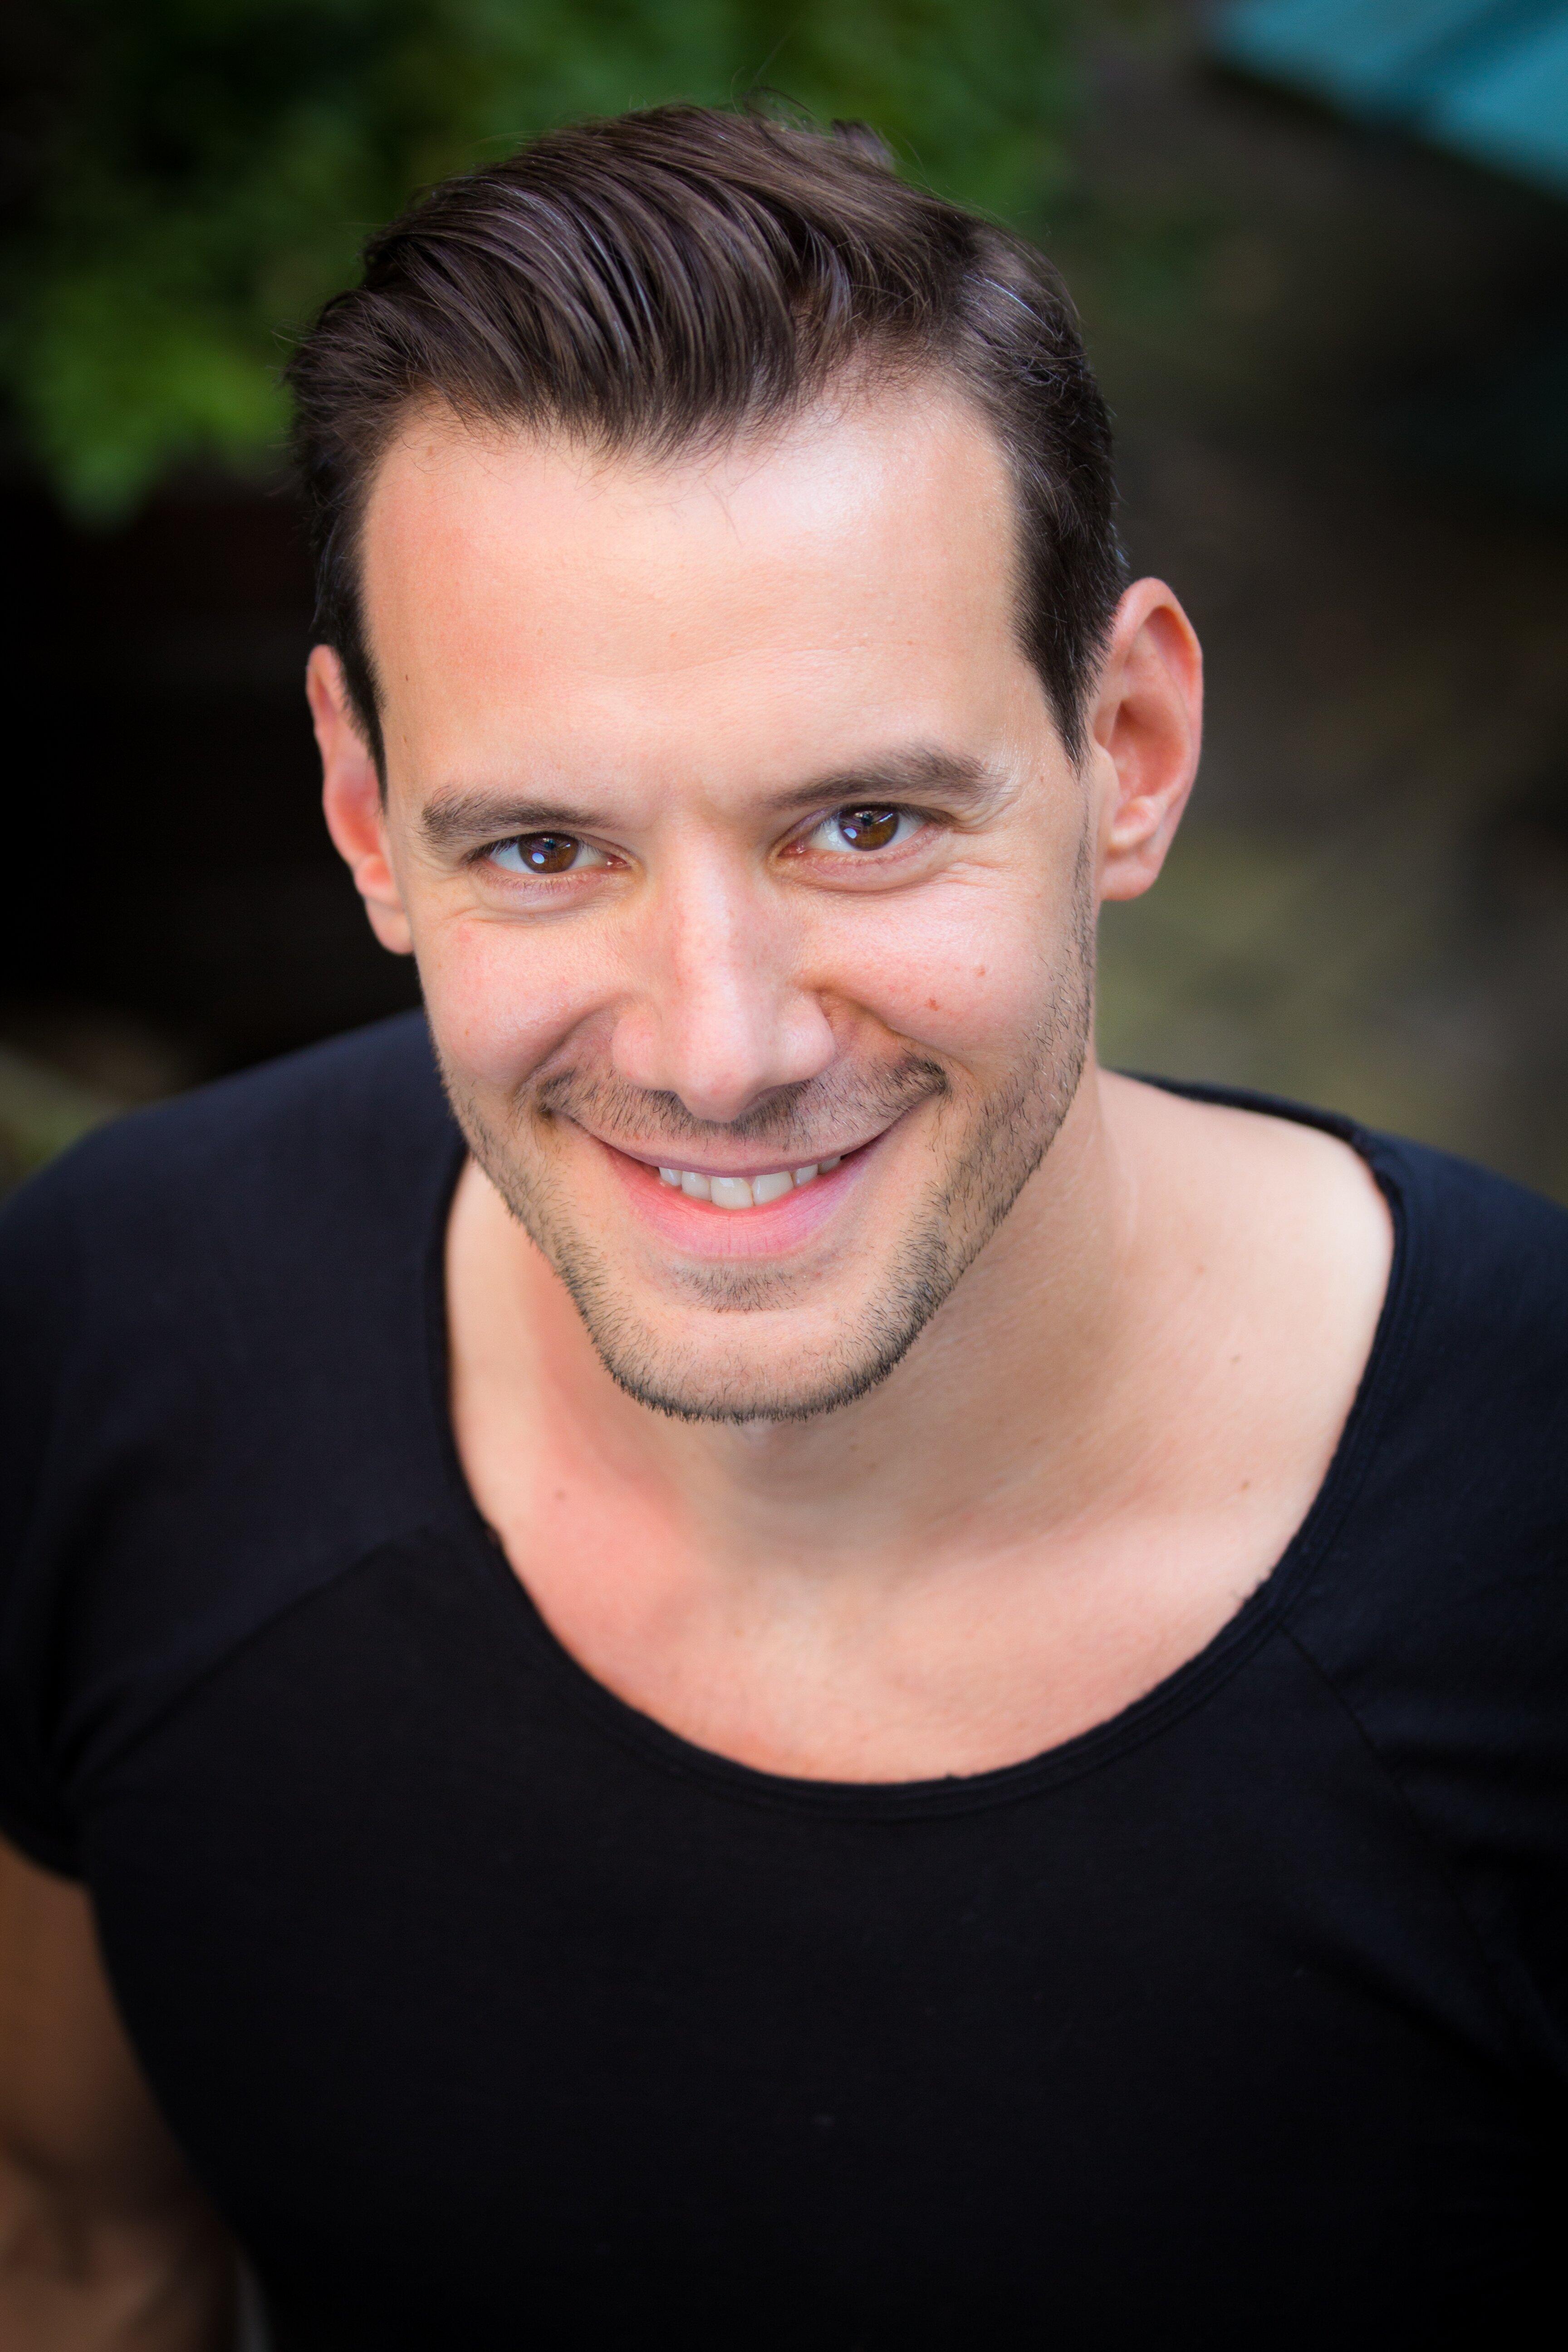 Luca Savazzi